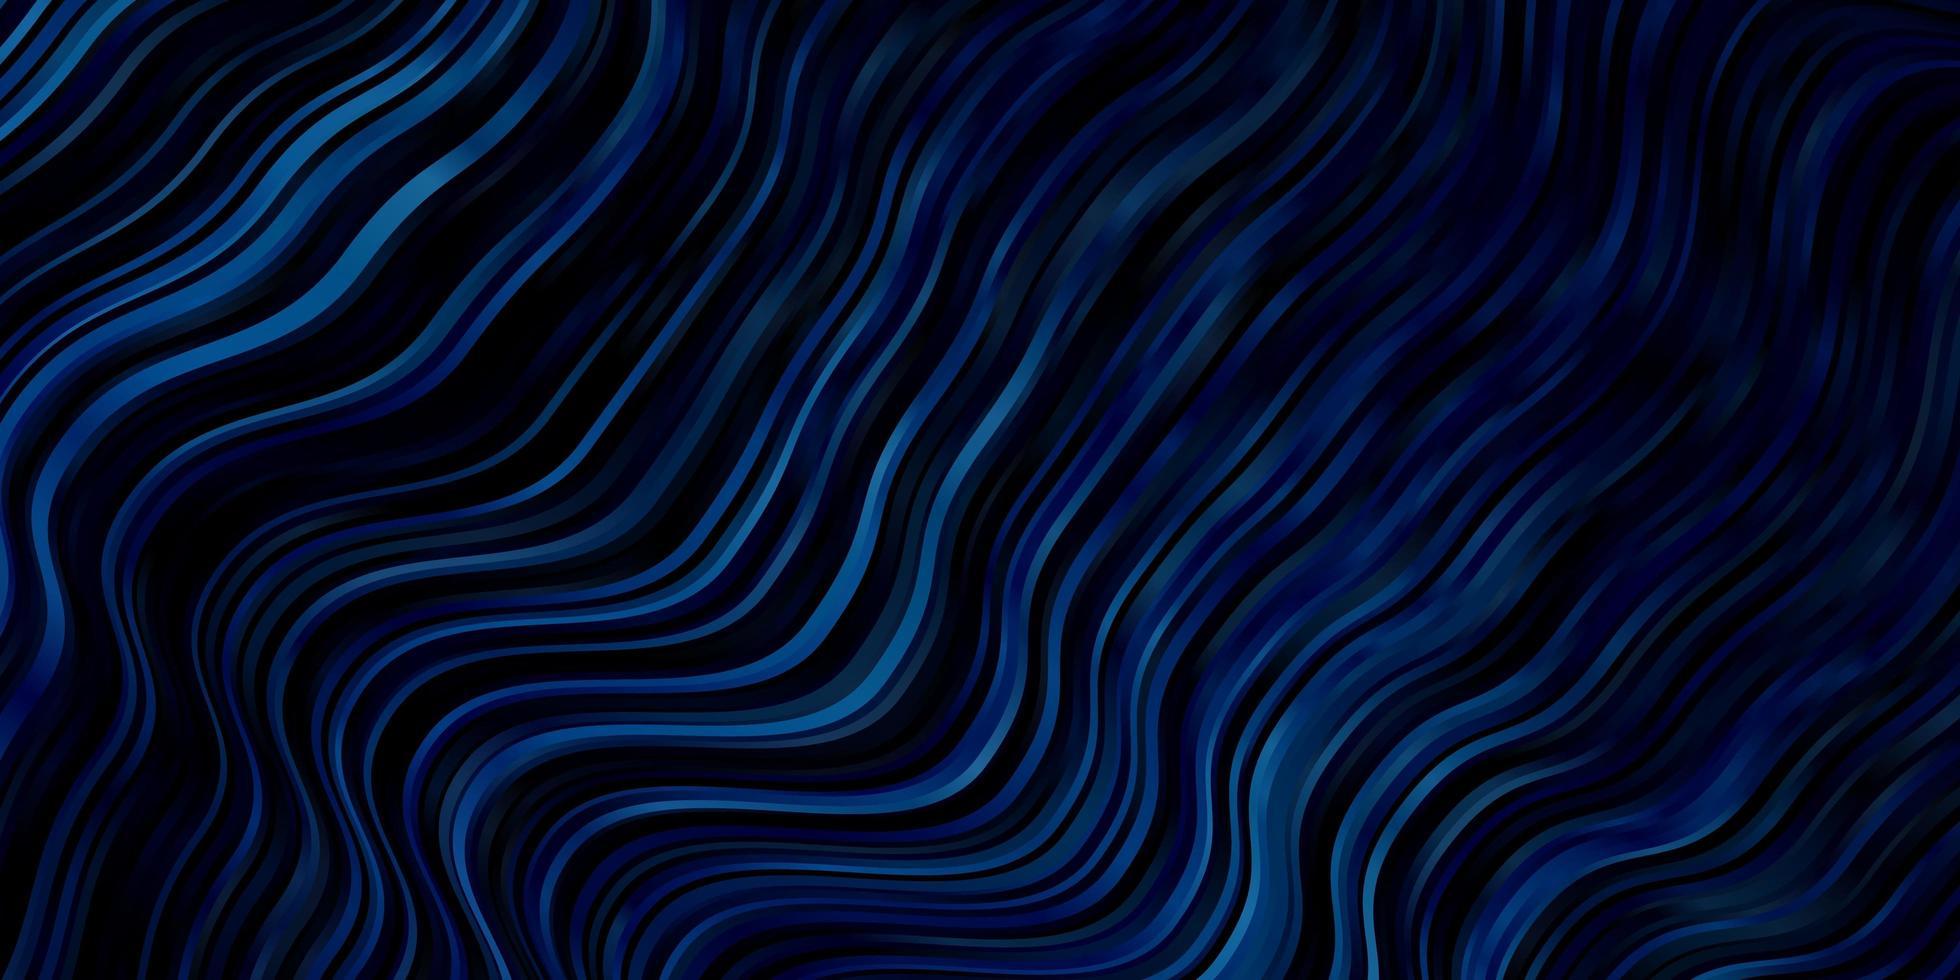 modèle vectoriel bleu clair avec des courbes.